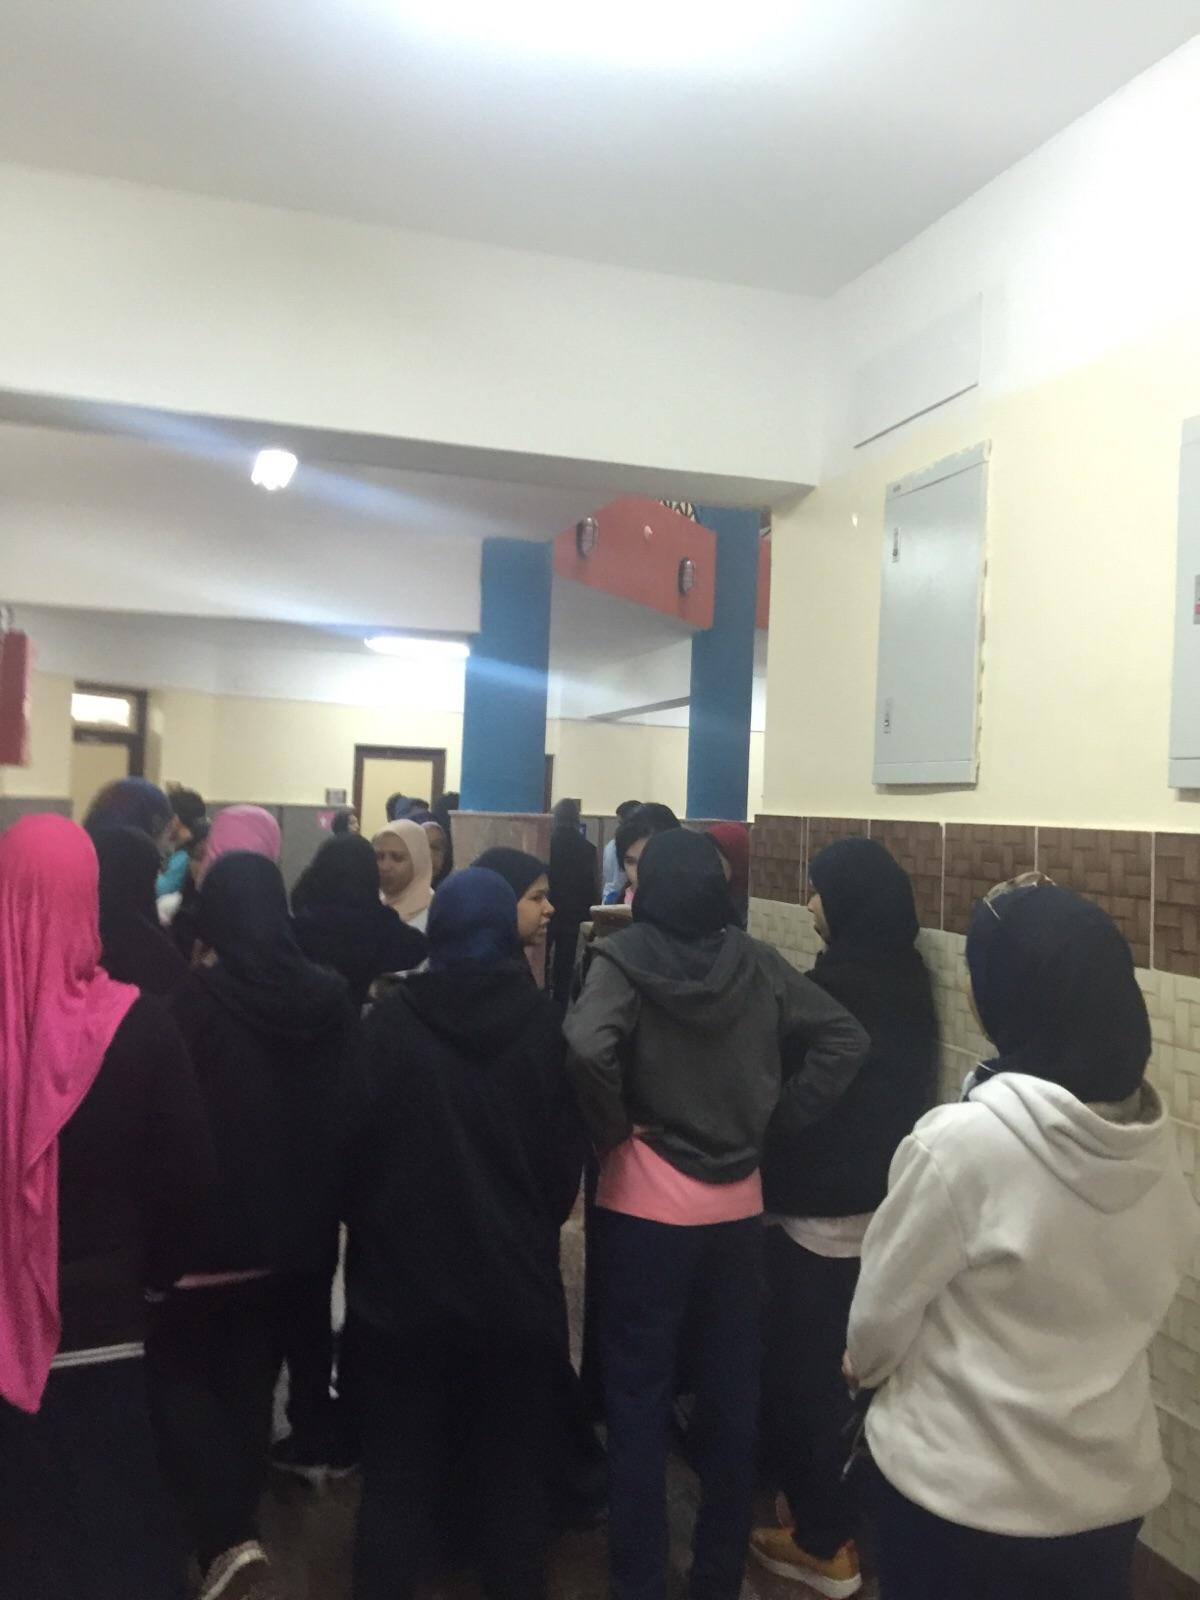 اعتصام طلاب مدرسة المتفوقين بالدقهلية: مدرسون ضربونا وهددونا